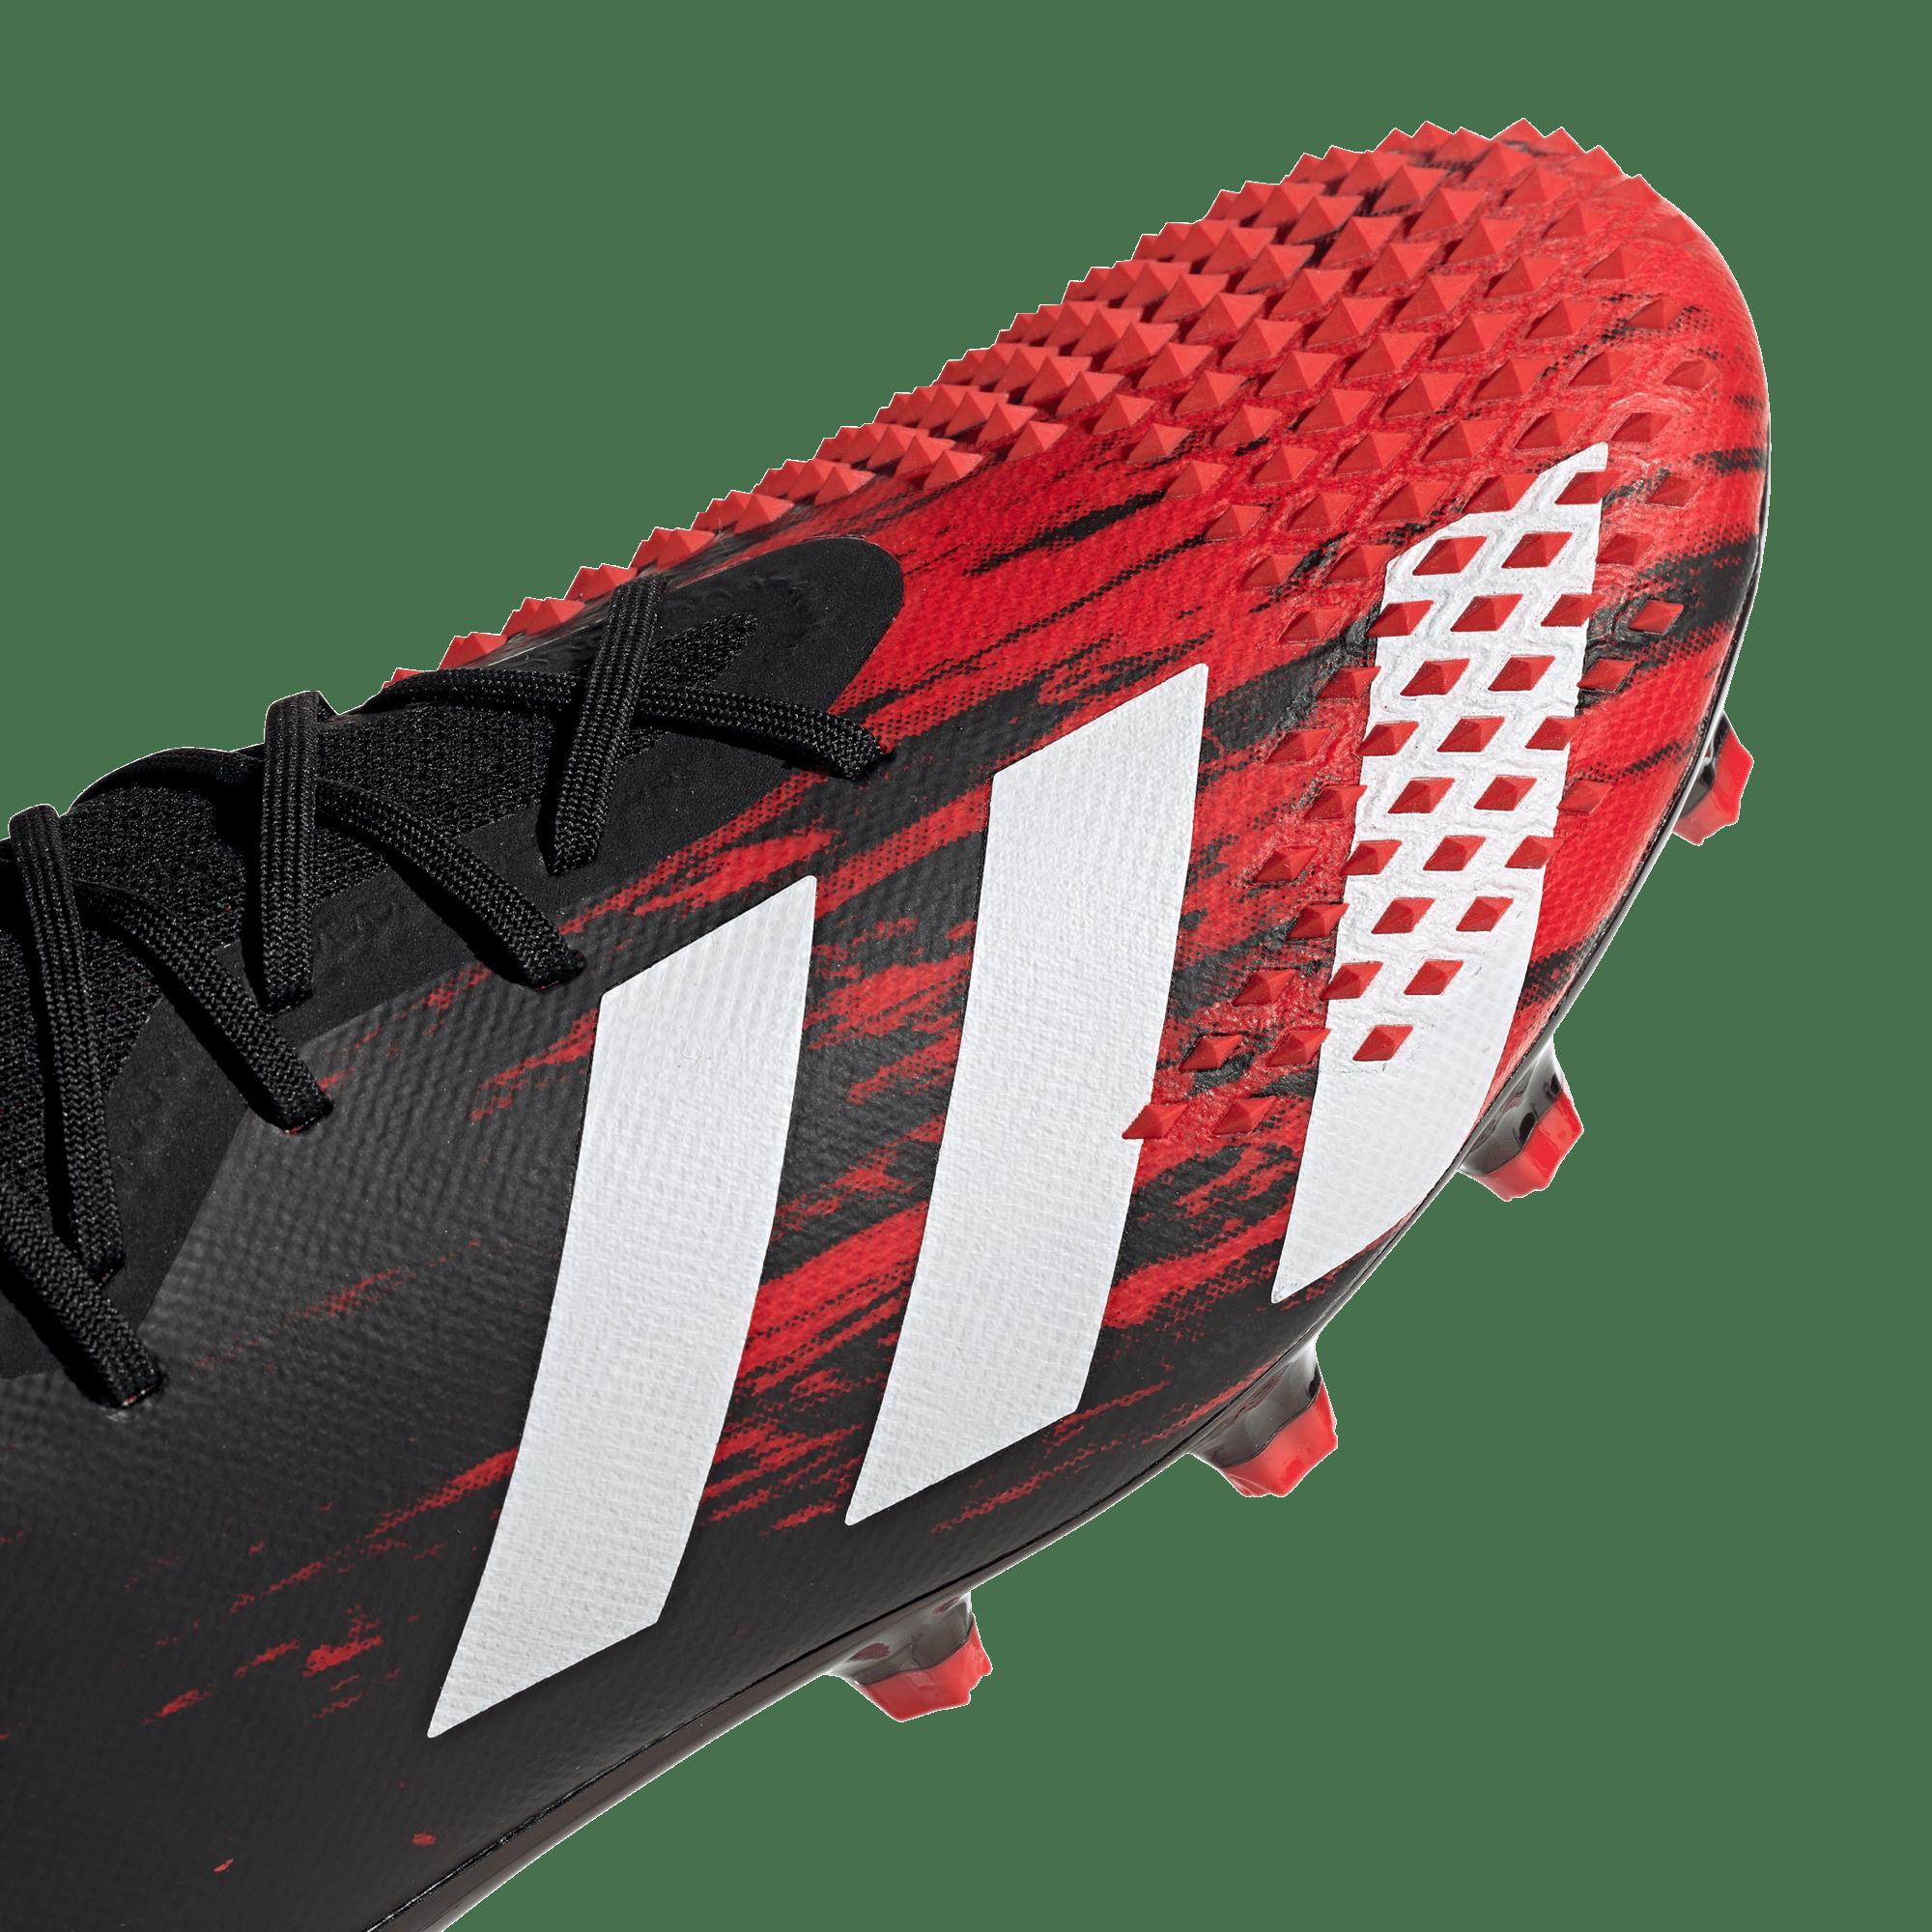 adidas Chaussure Predator Mutator 20+ Indoor Noir adidas.